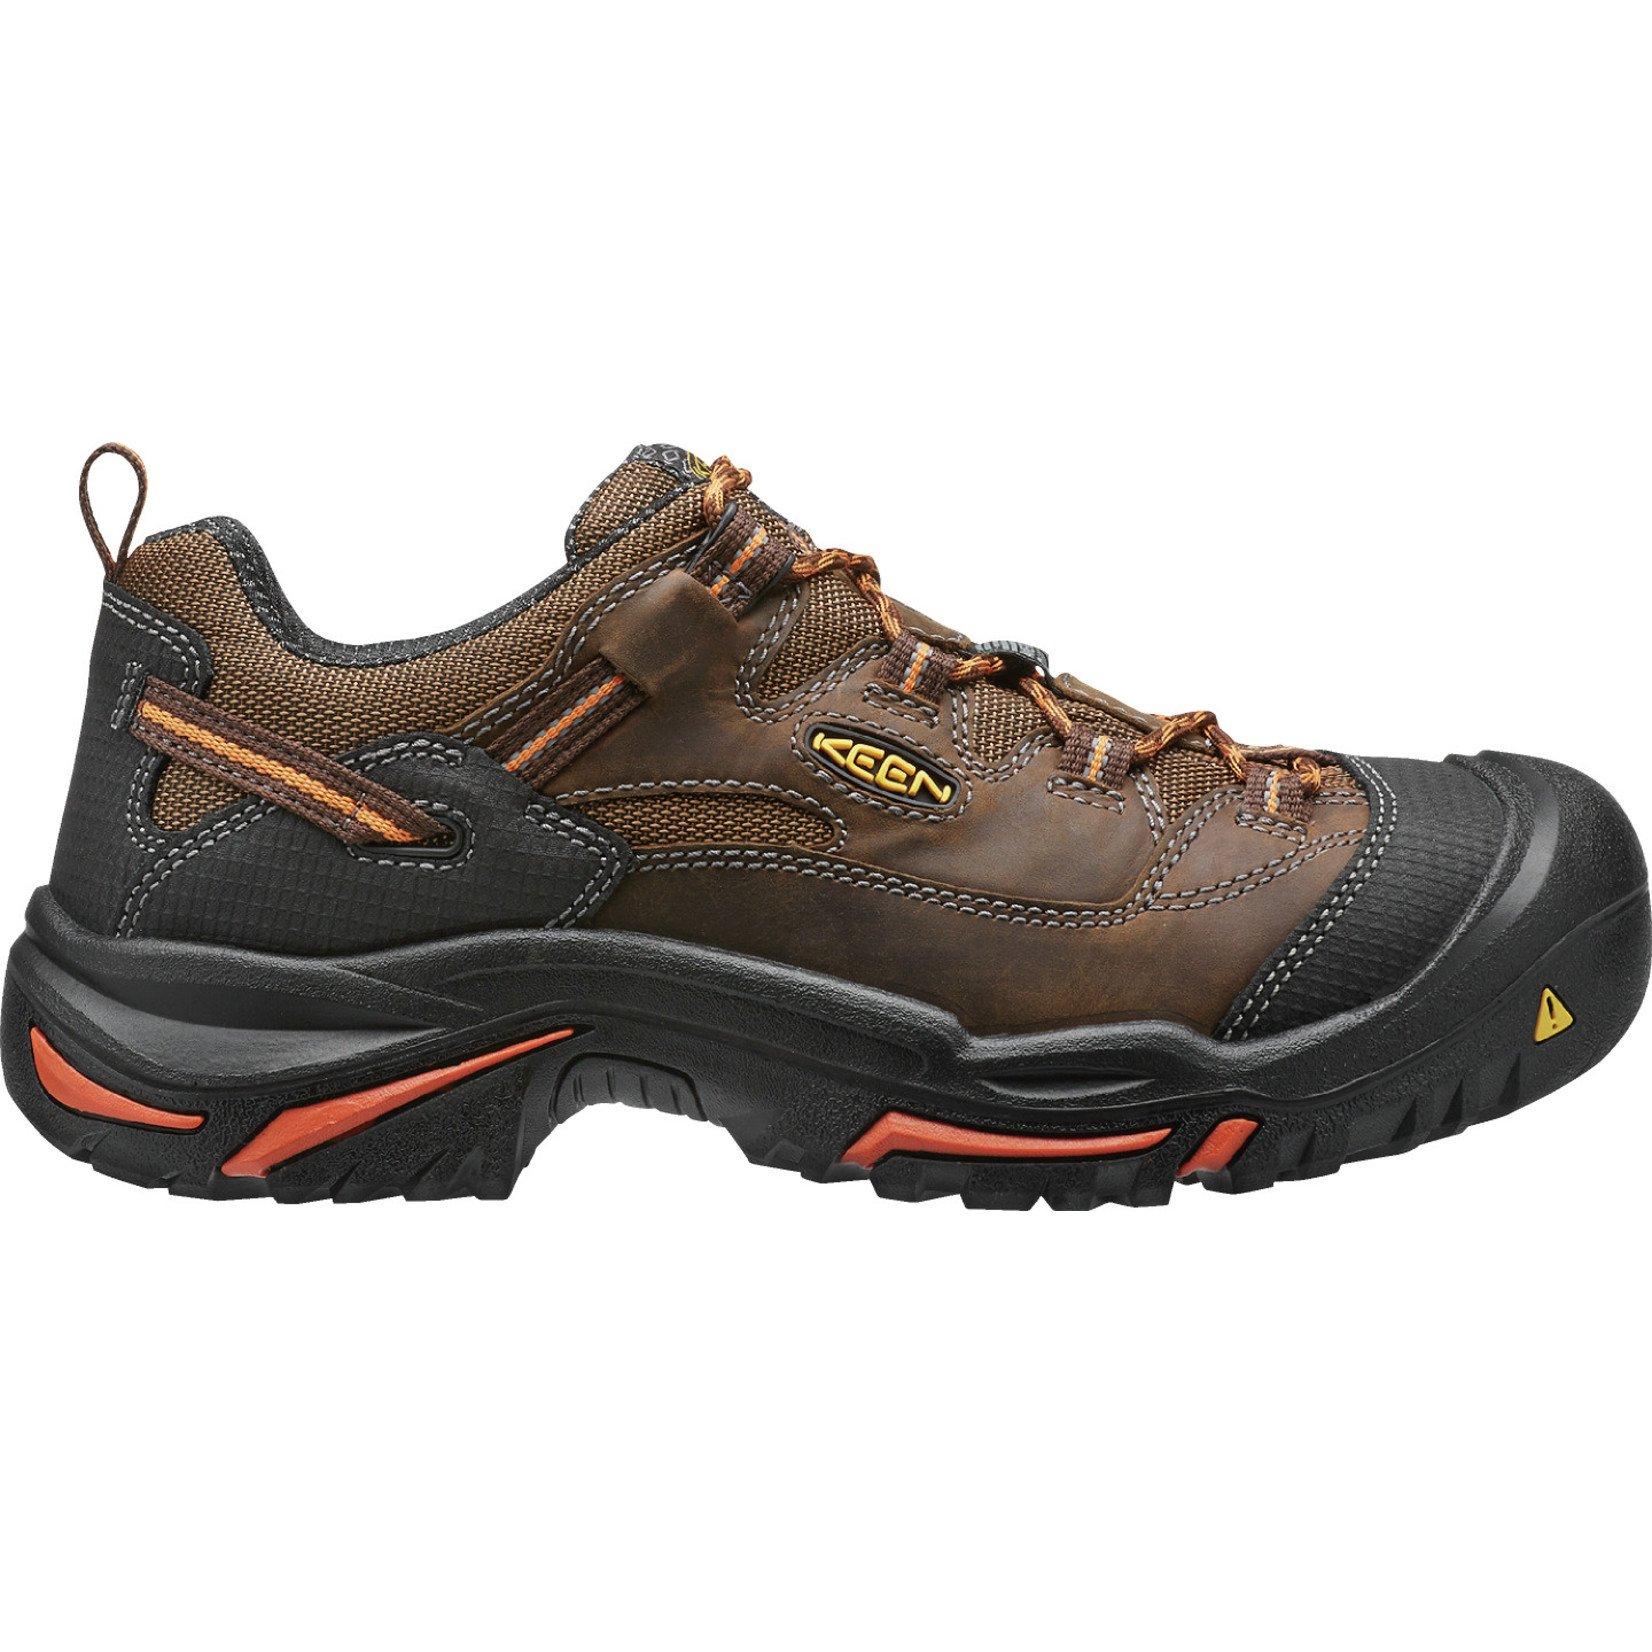 Keen Men's Keen Soft Toe Braddock Low American Built Cascade/Orange Ochre 1014606